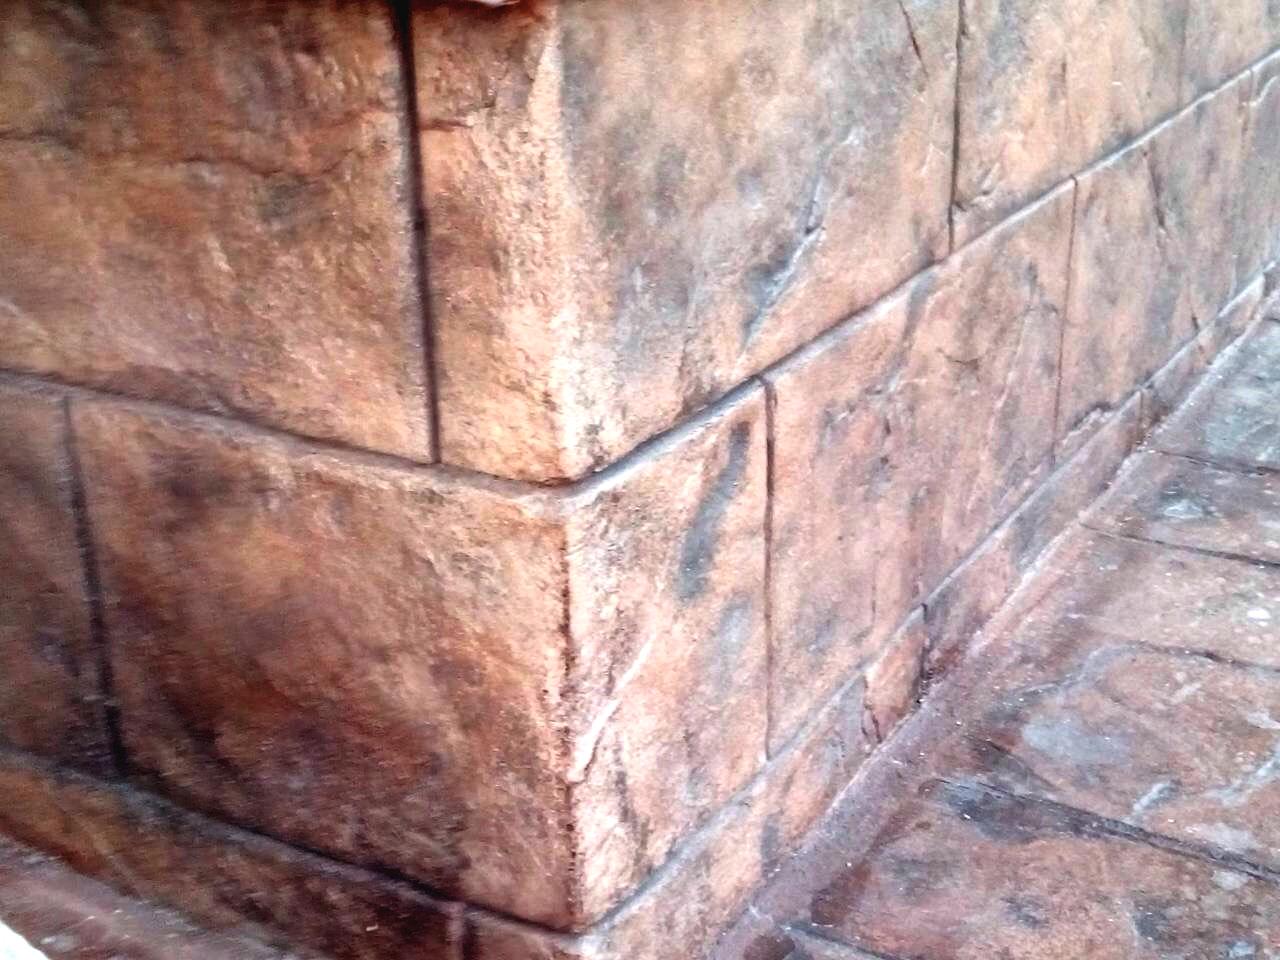 Плитка для облицовки цоколя цена в Москве-09-23 19-06-47